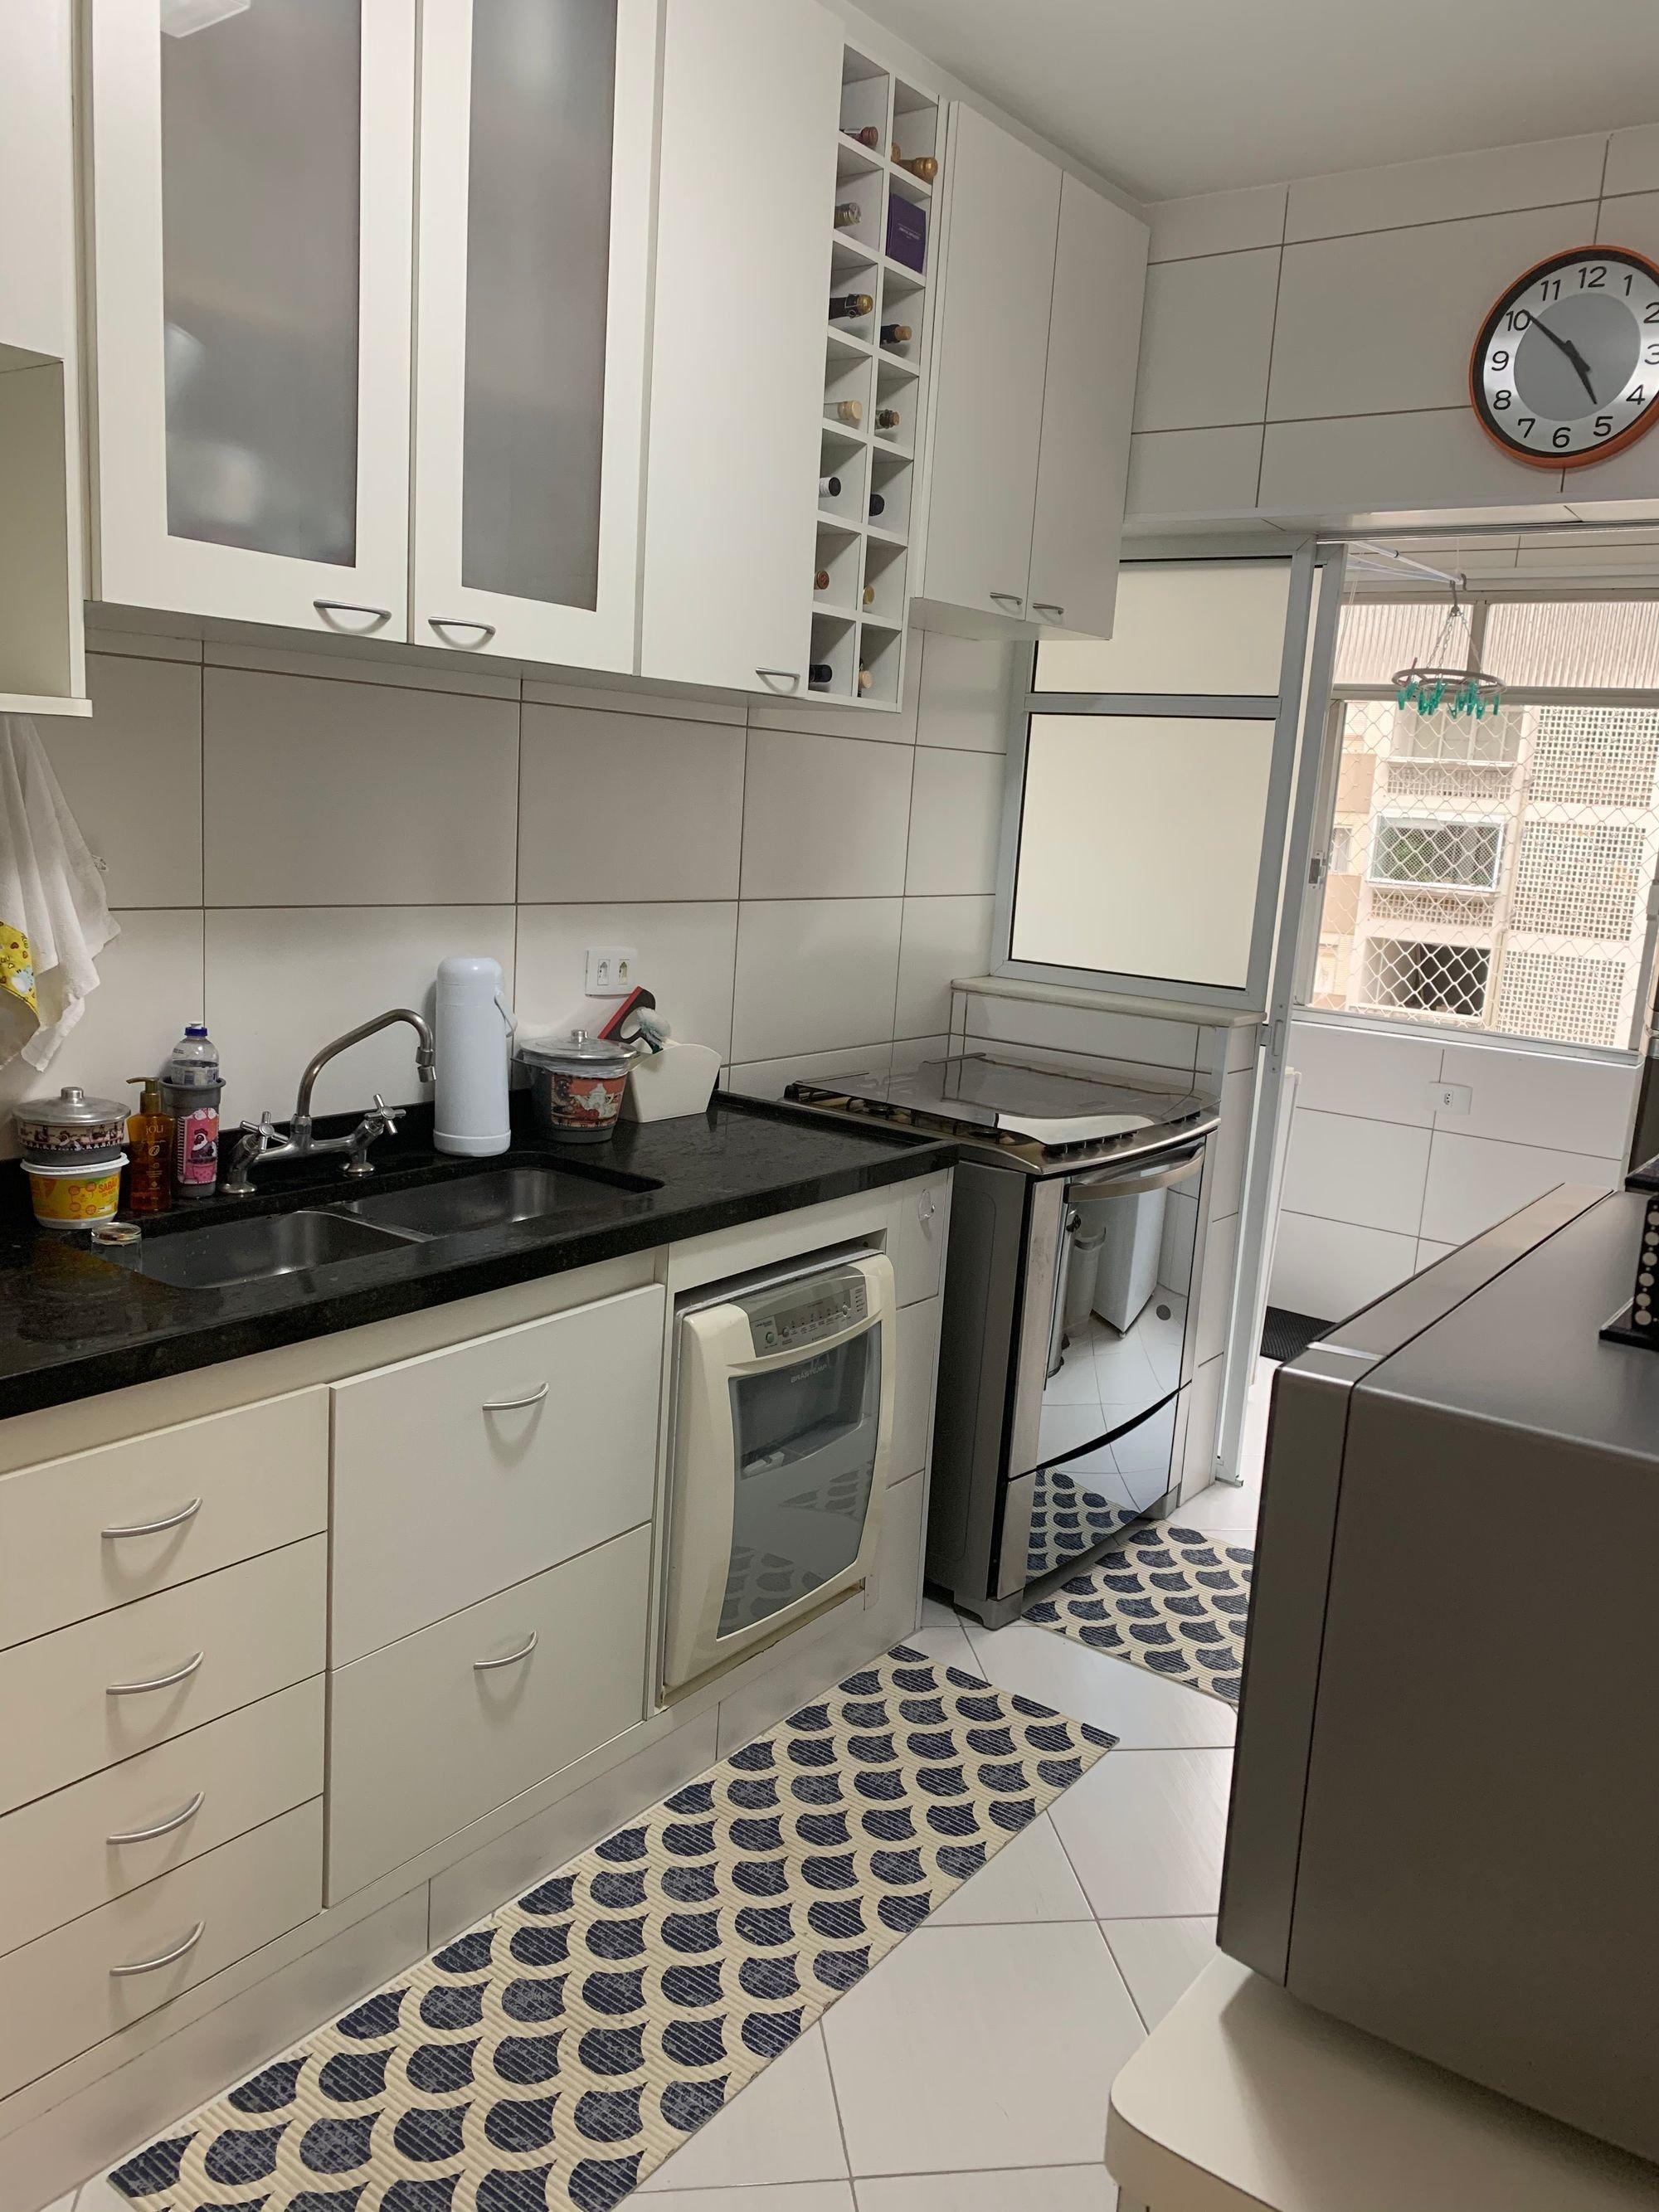 Foto de Cozinha com garrafa, relógio, forno, pia